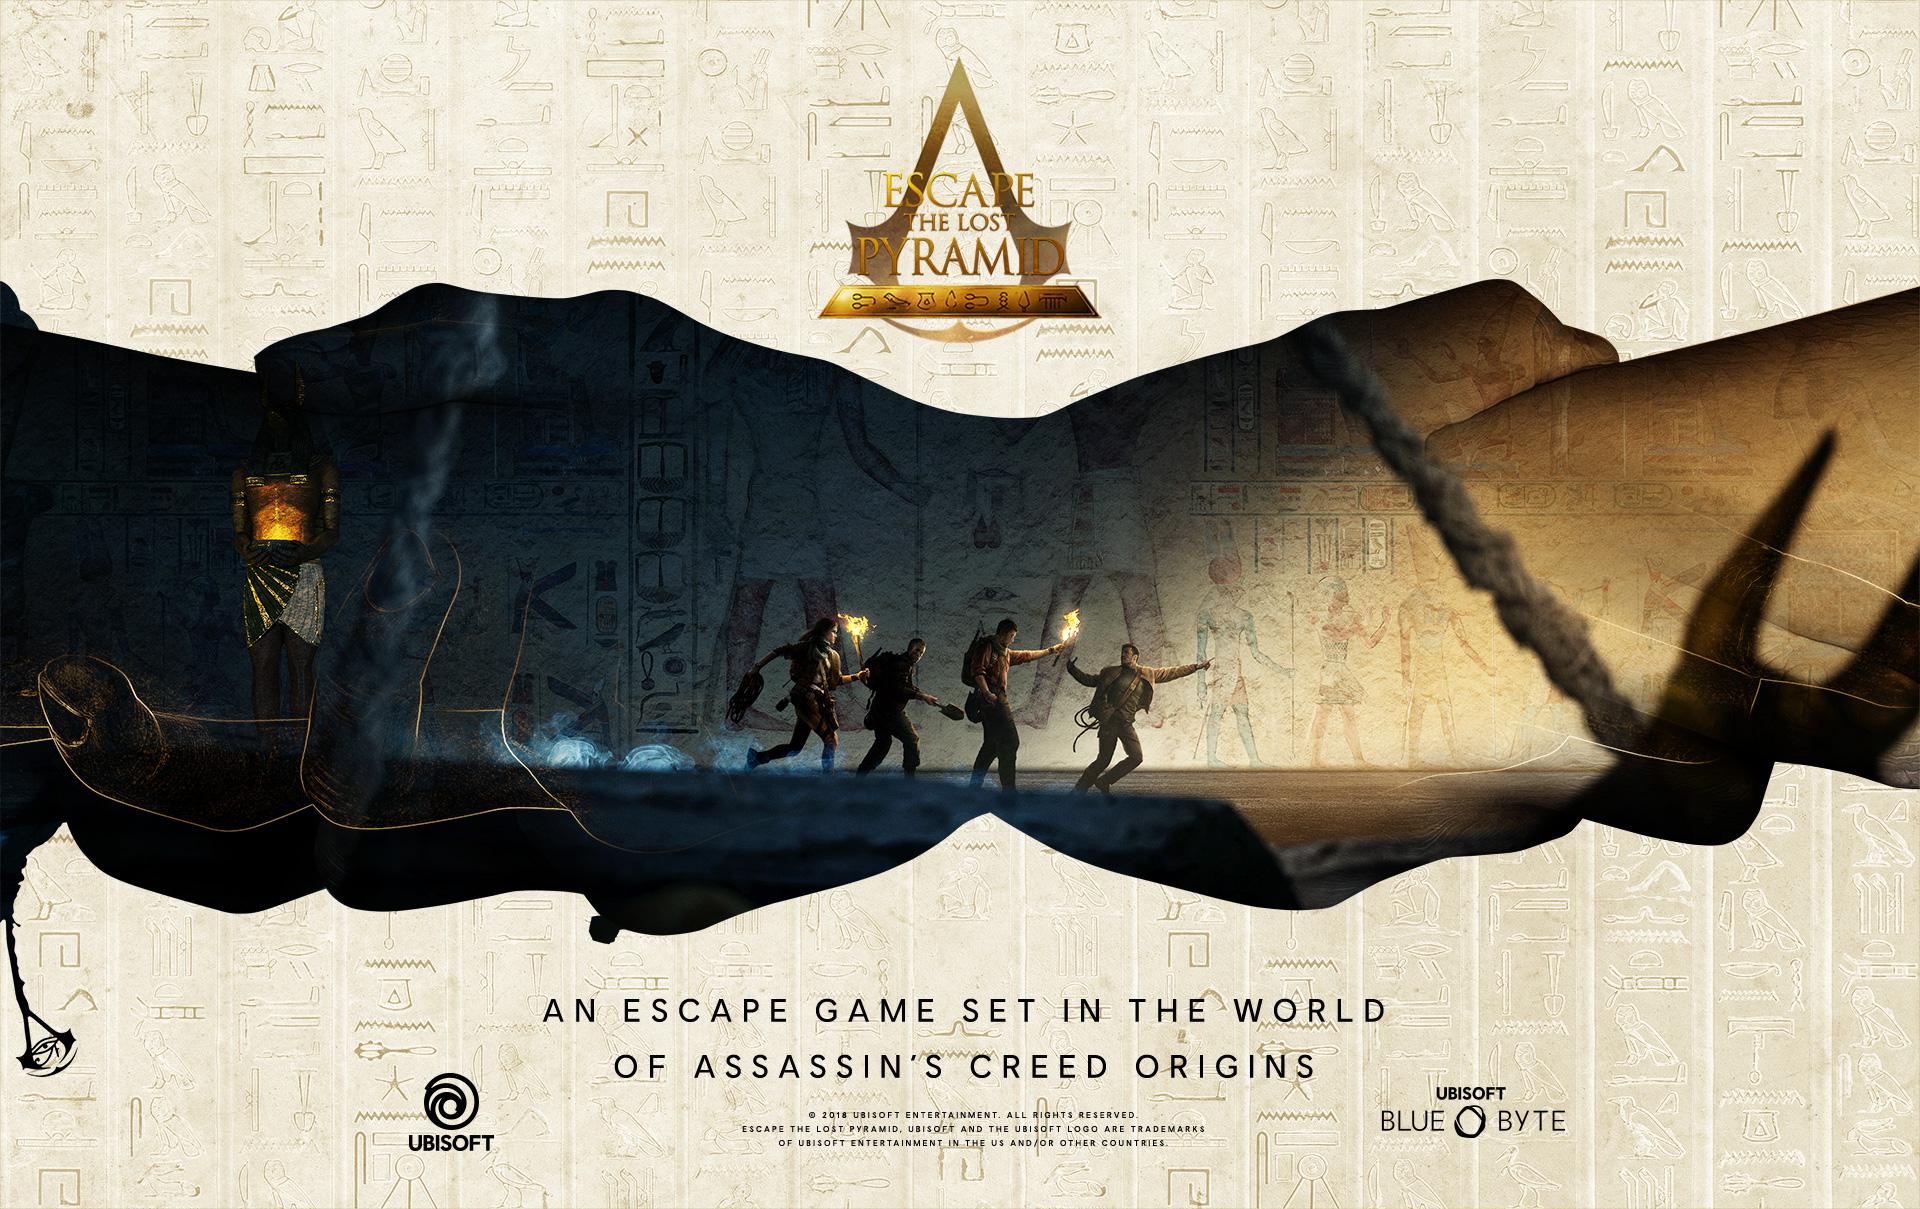 Ubisoft Escape the Lost Pyramid